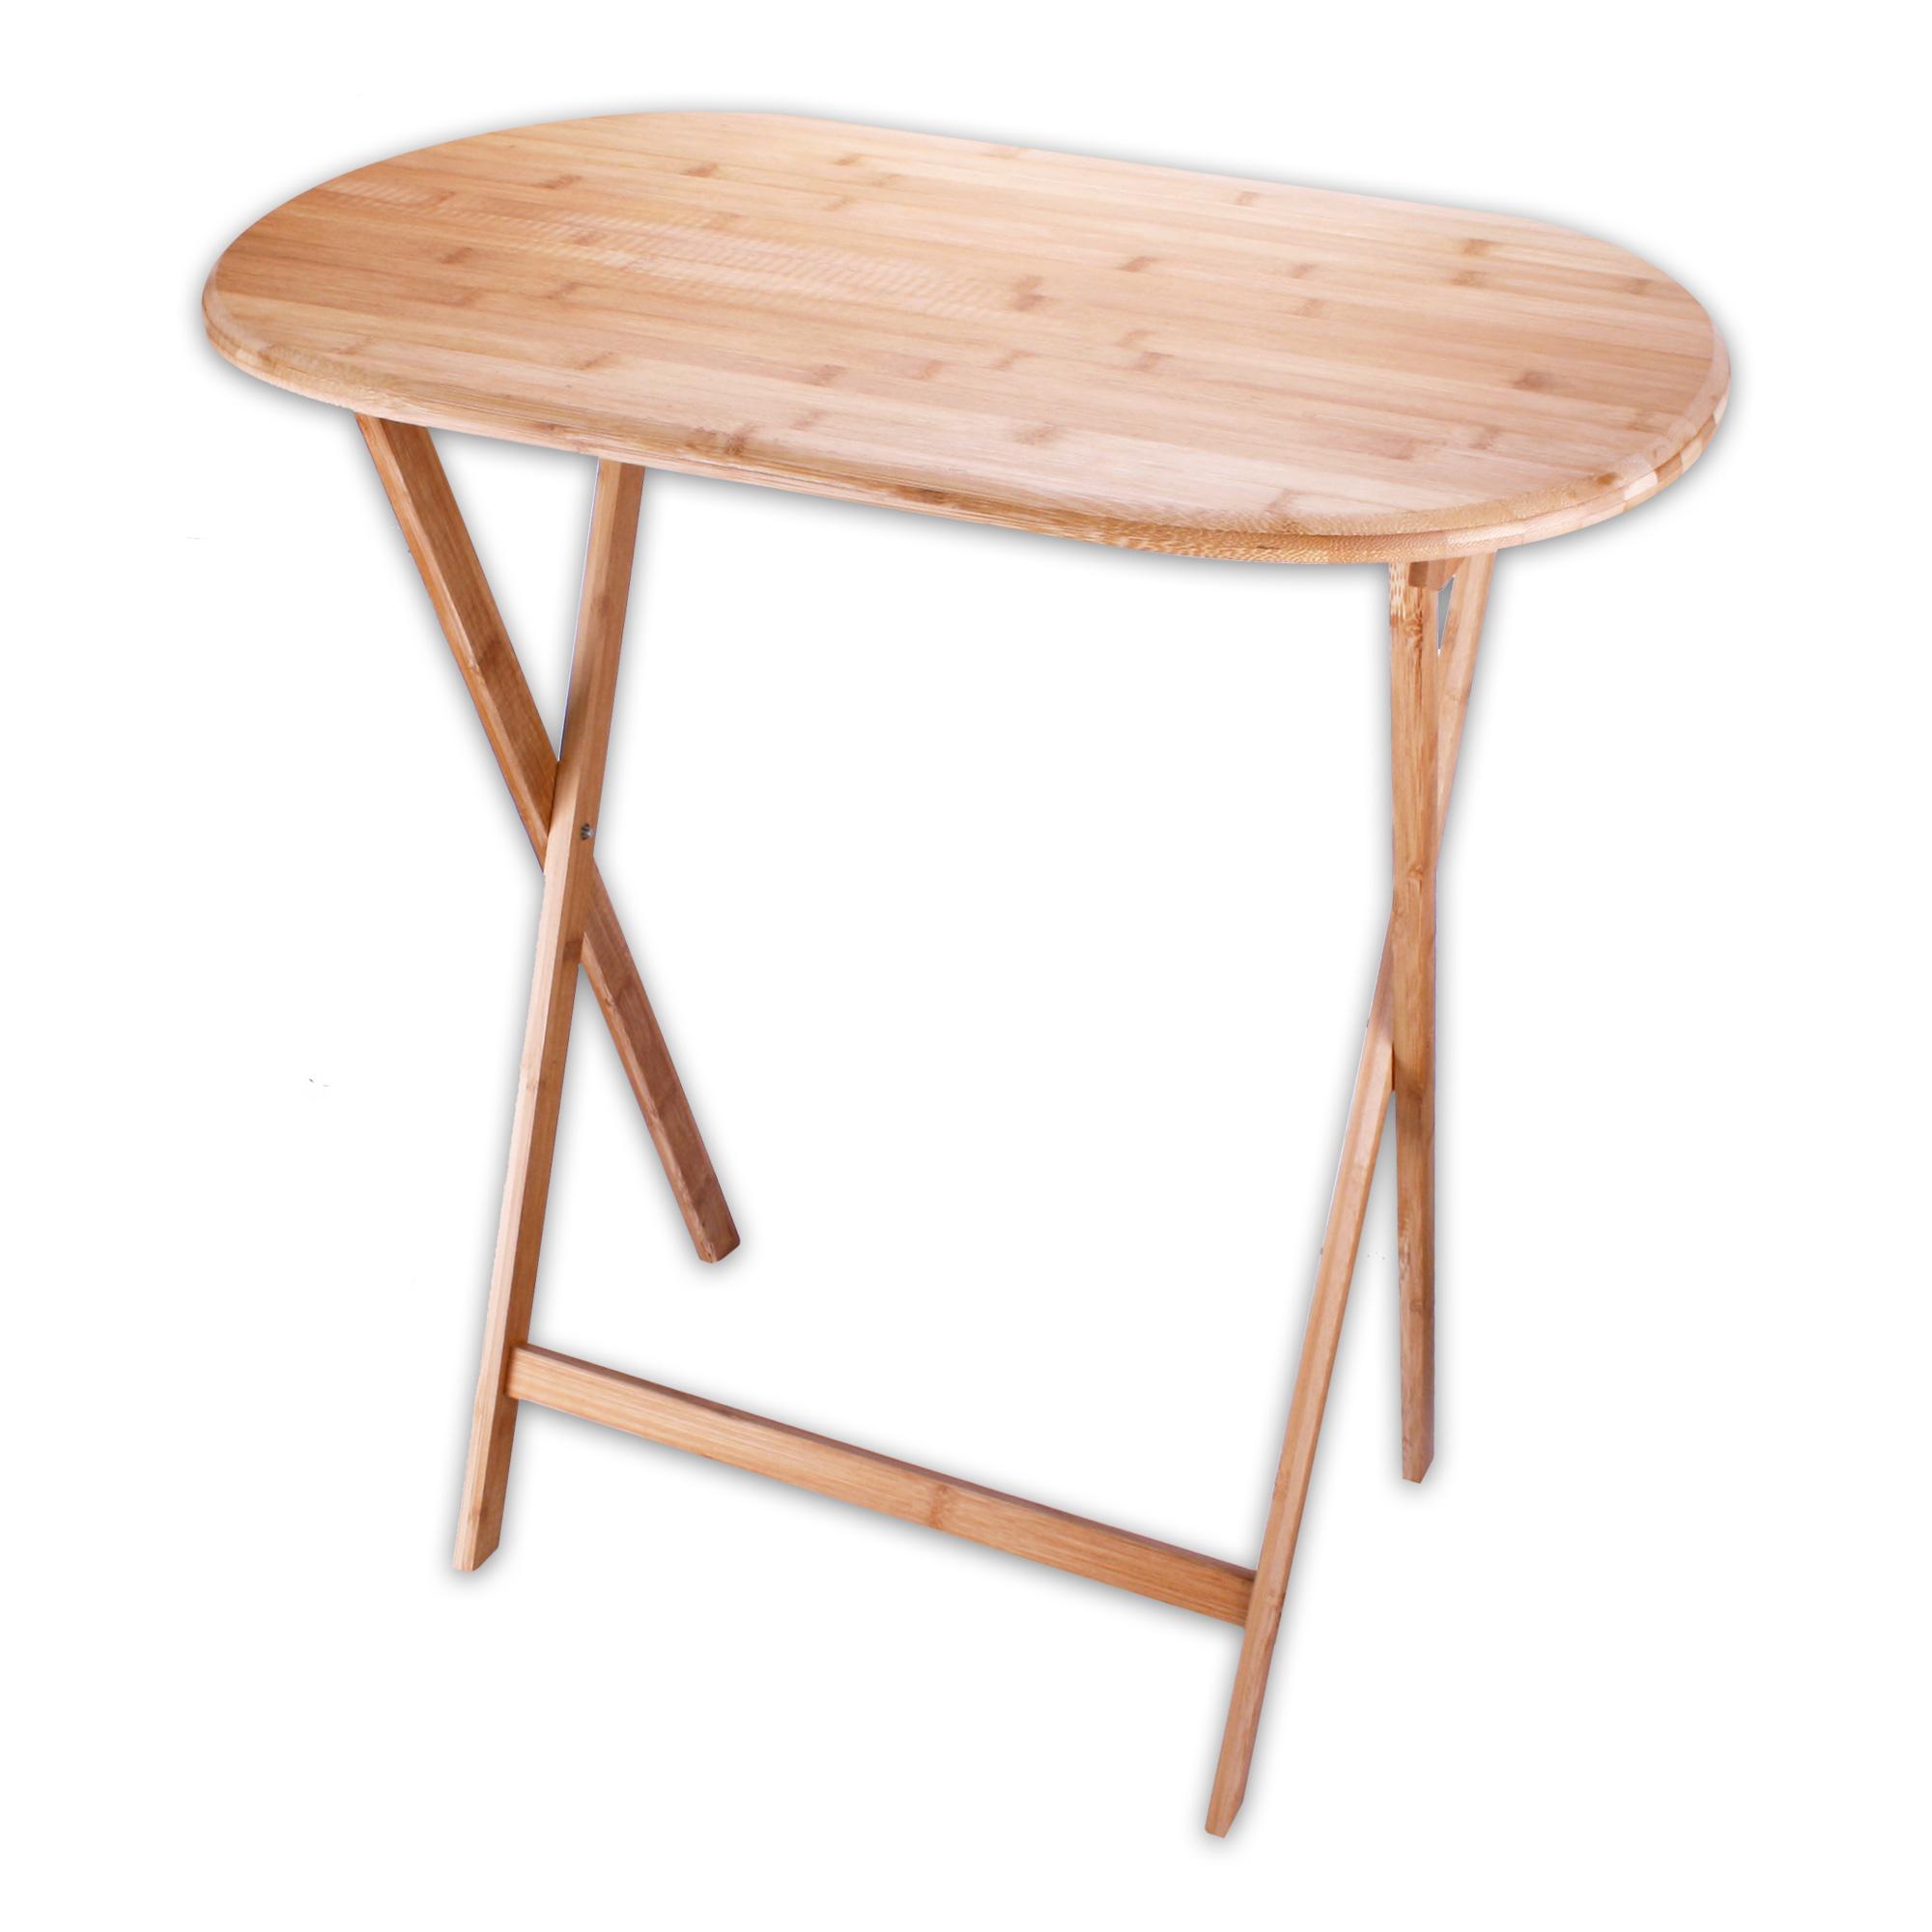 bambusklappbeistelltisch klapptisch beistelltisch. Black Bedroom Furniture Sets. Home Design Ideas